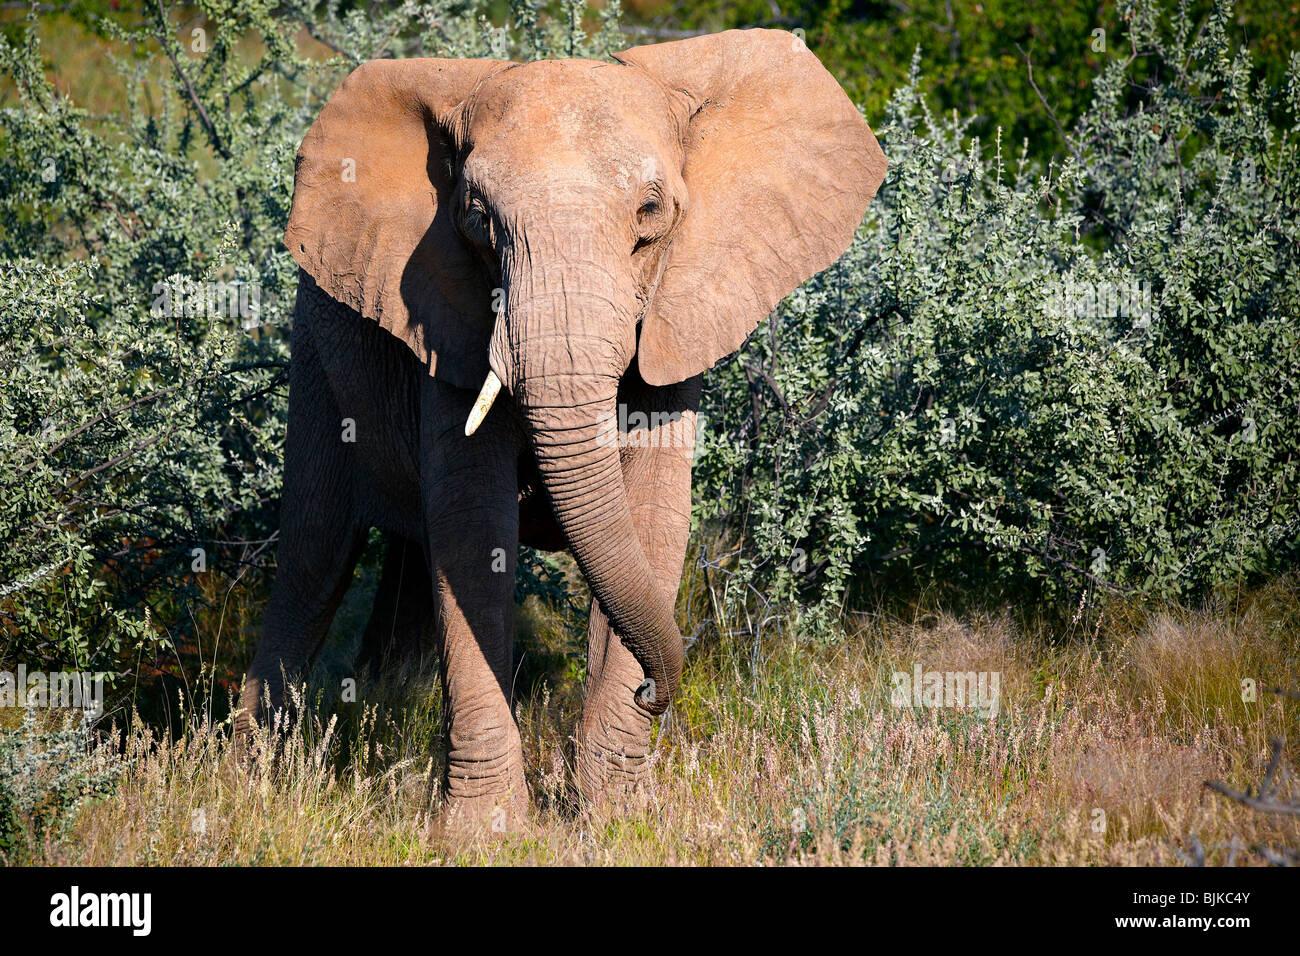 African Forest Elephant (Loxodonta cyclotis), Damaraland, Namibia, Africa Stock Photo